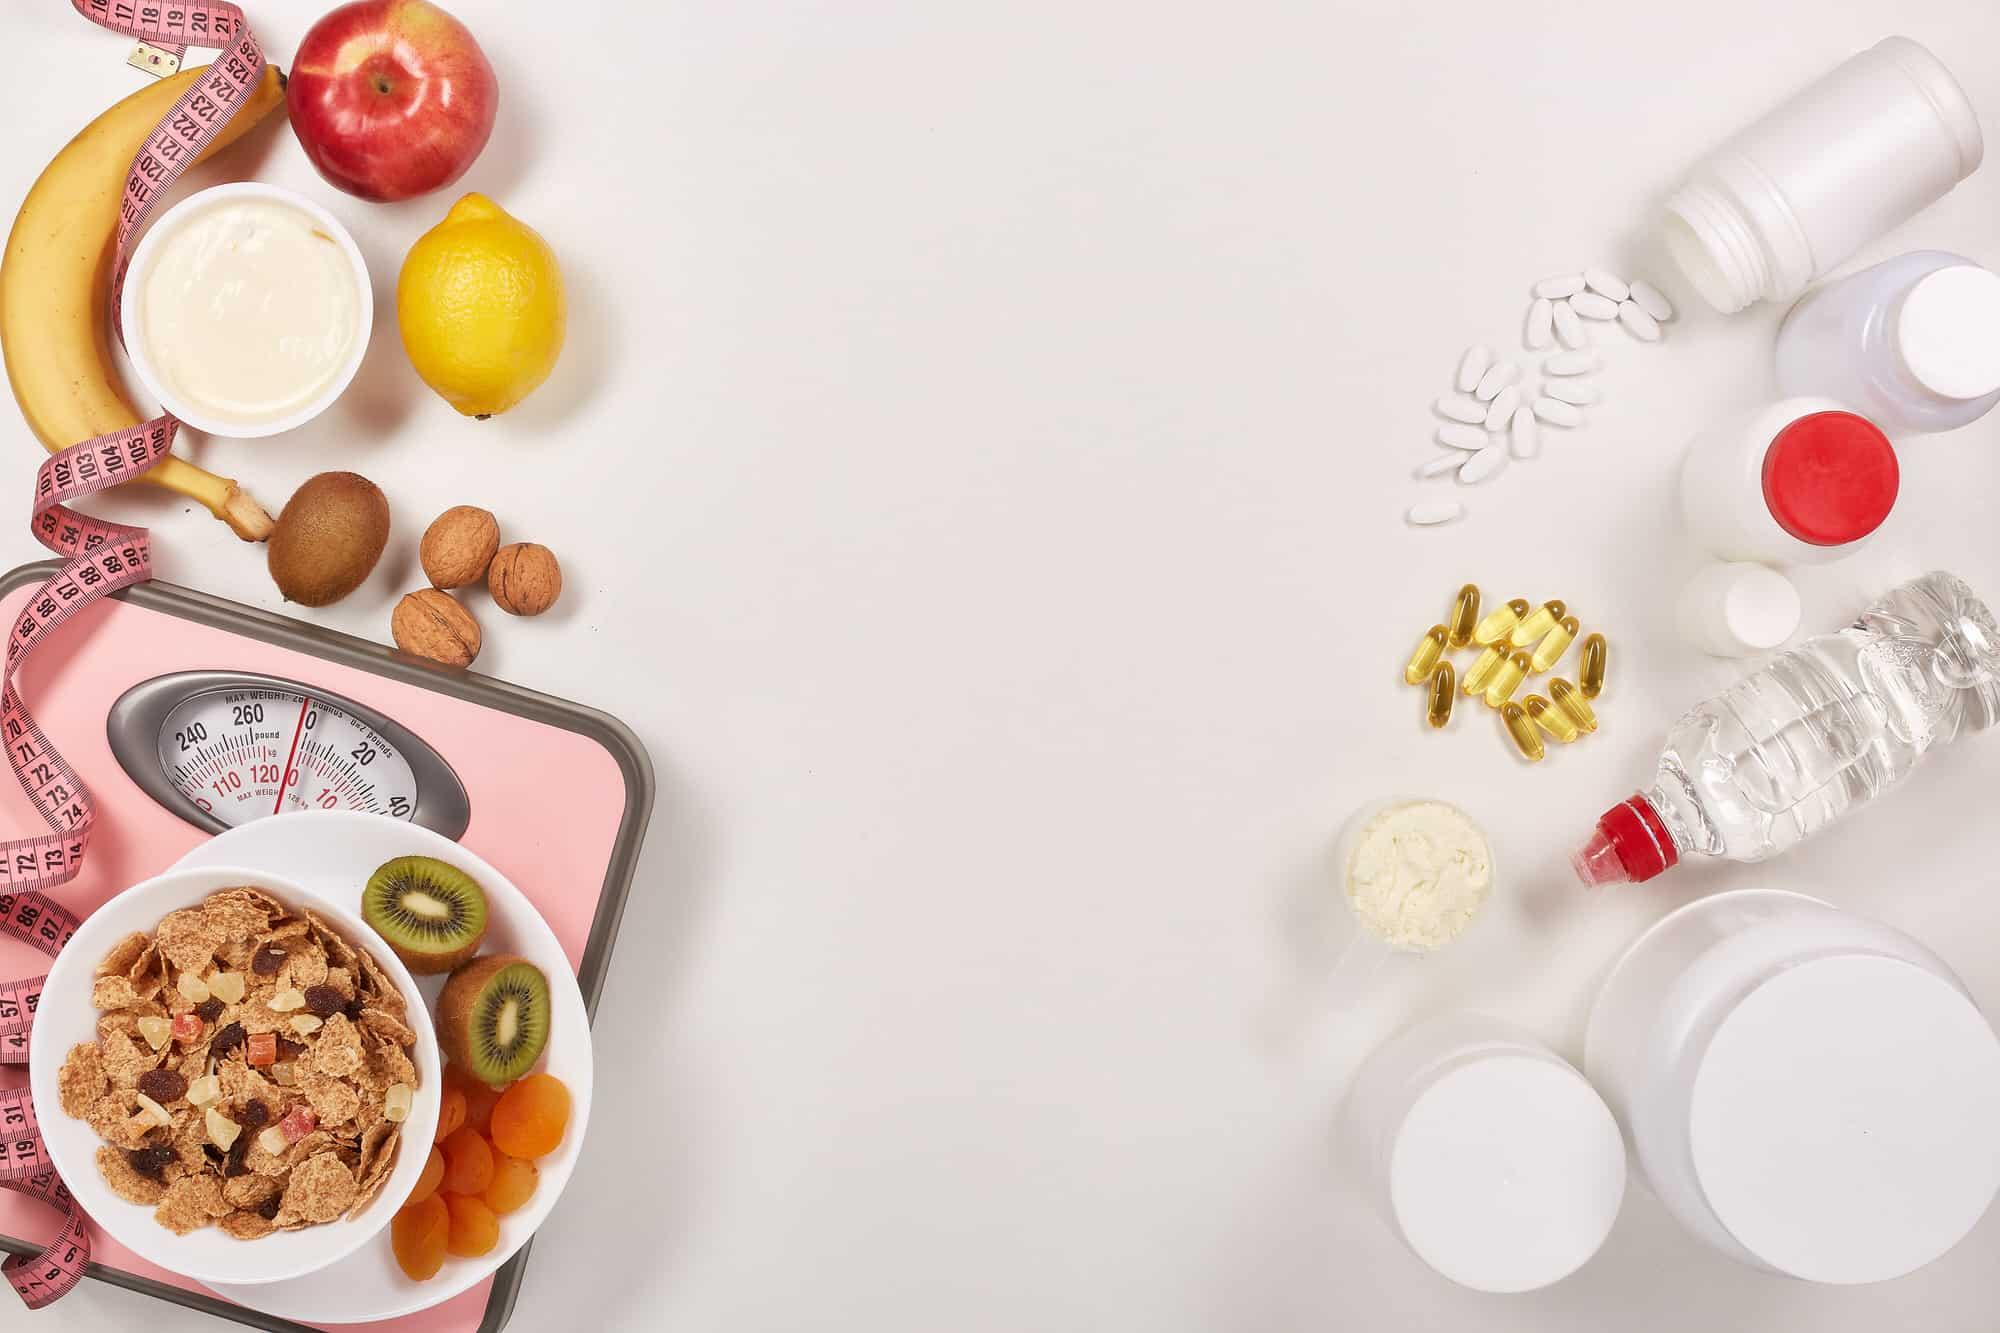 Zu viele Nahrungsergänzungsmittel